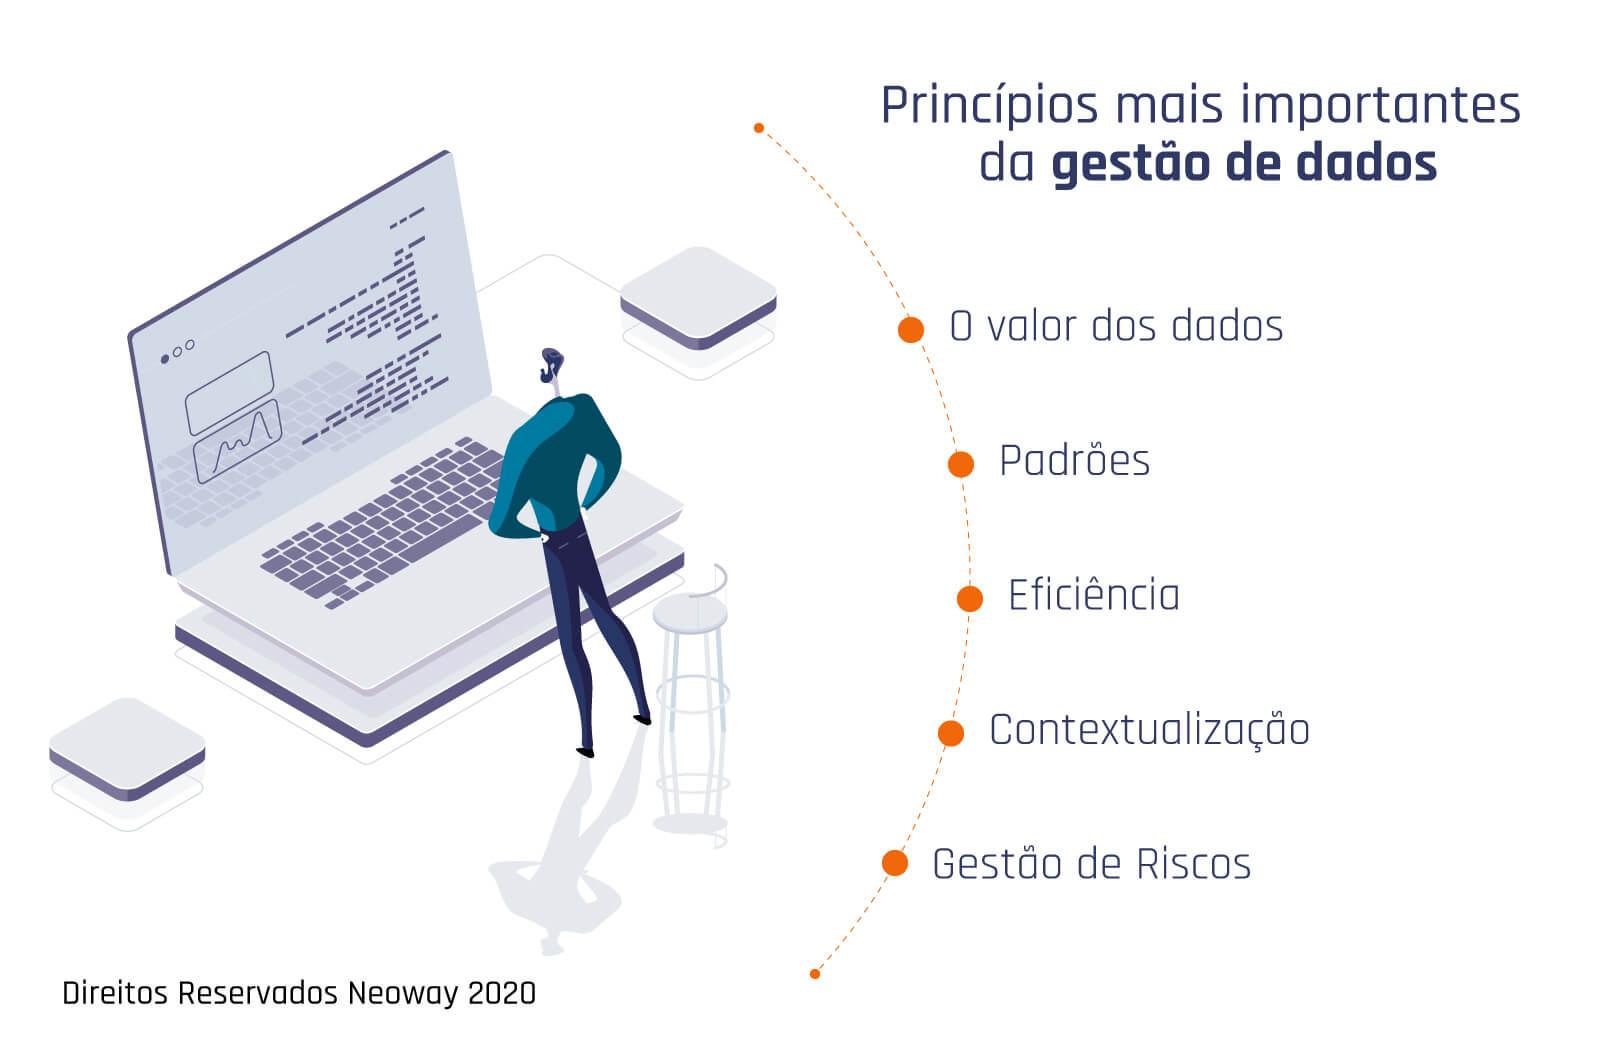 Imagem05 Conheca Os Principios Mais Importantes Da Gestao De Dados